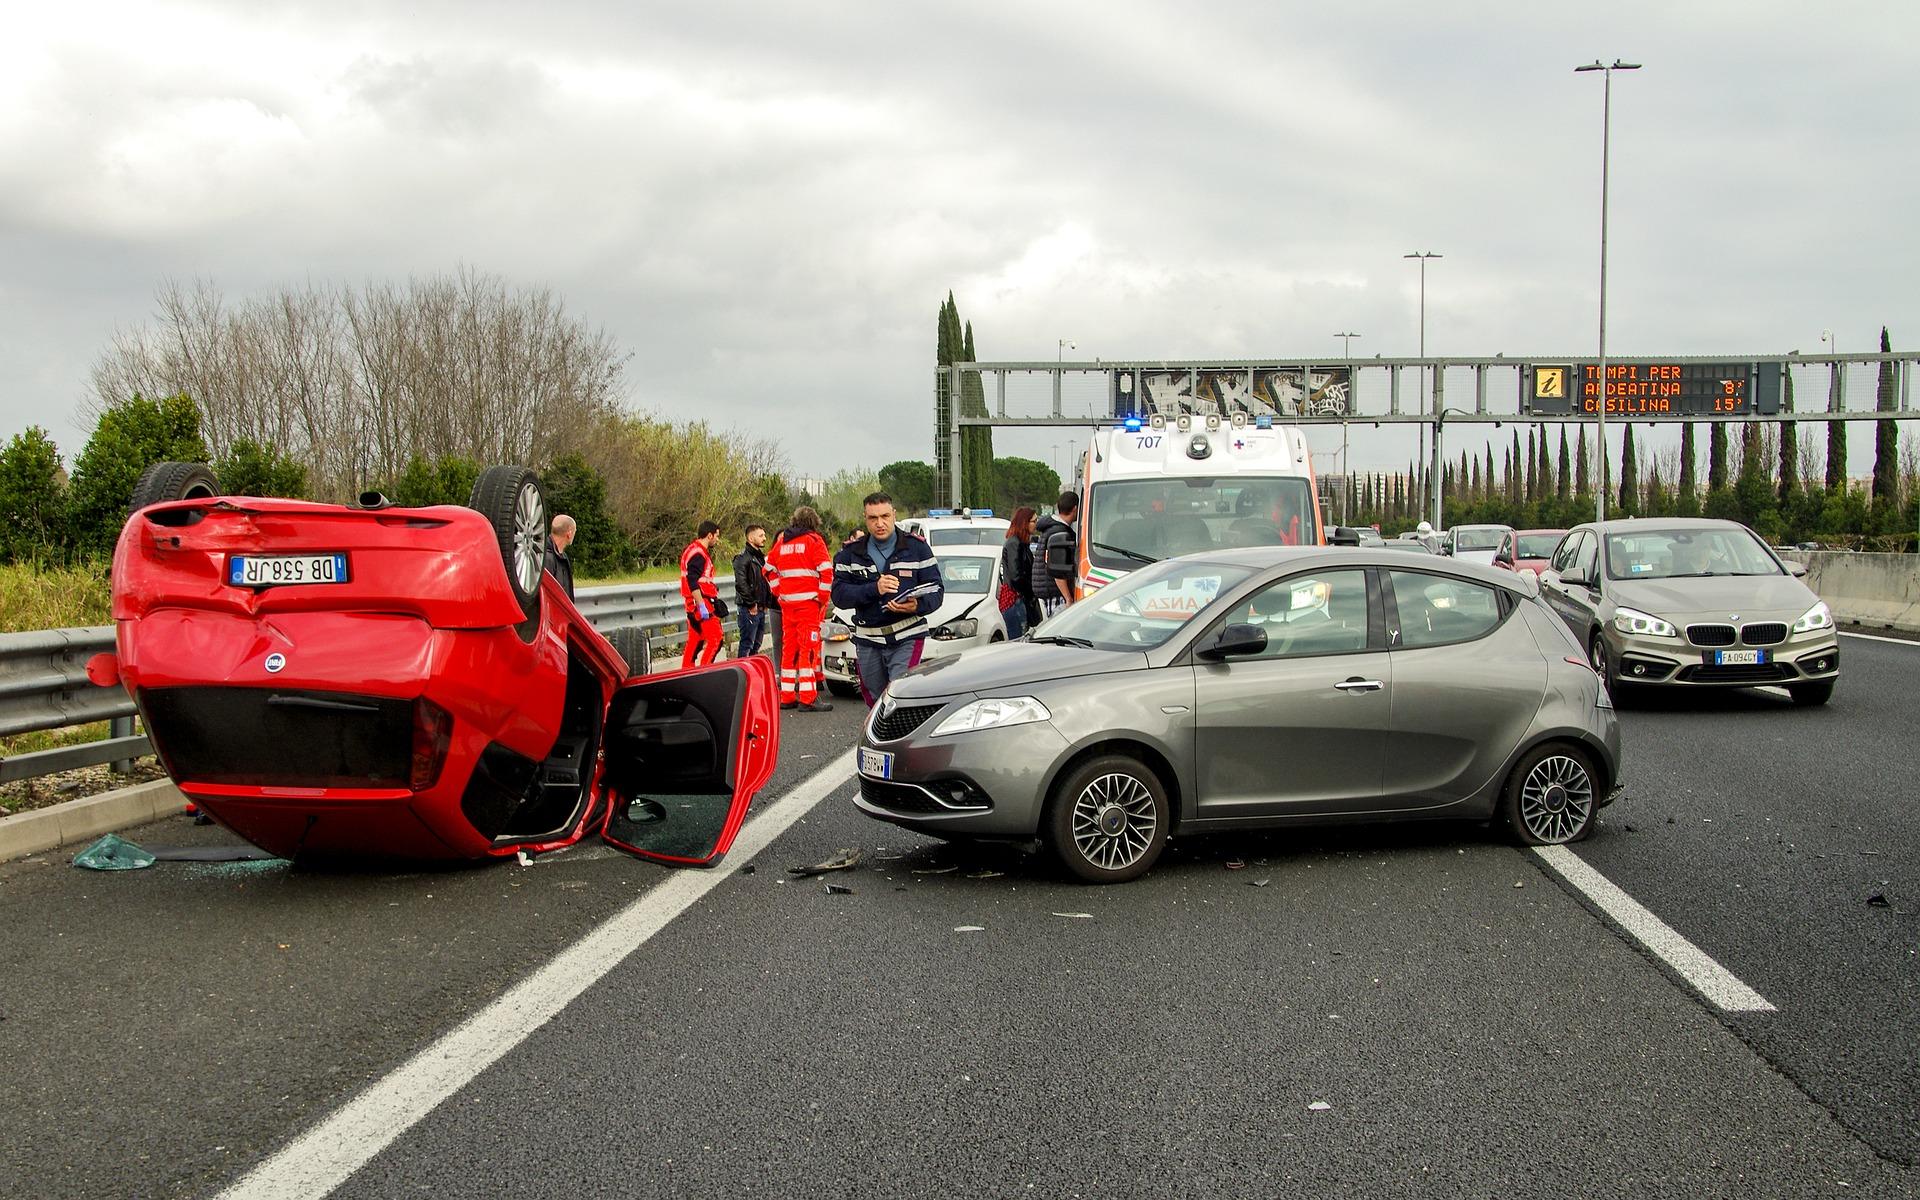 6,6%-kal több halálos baleset történt a közutakon